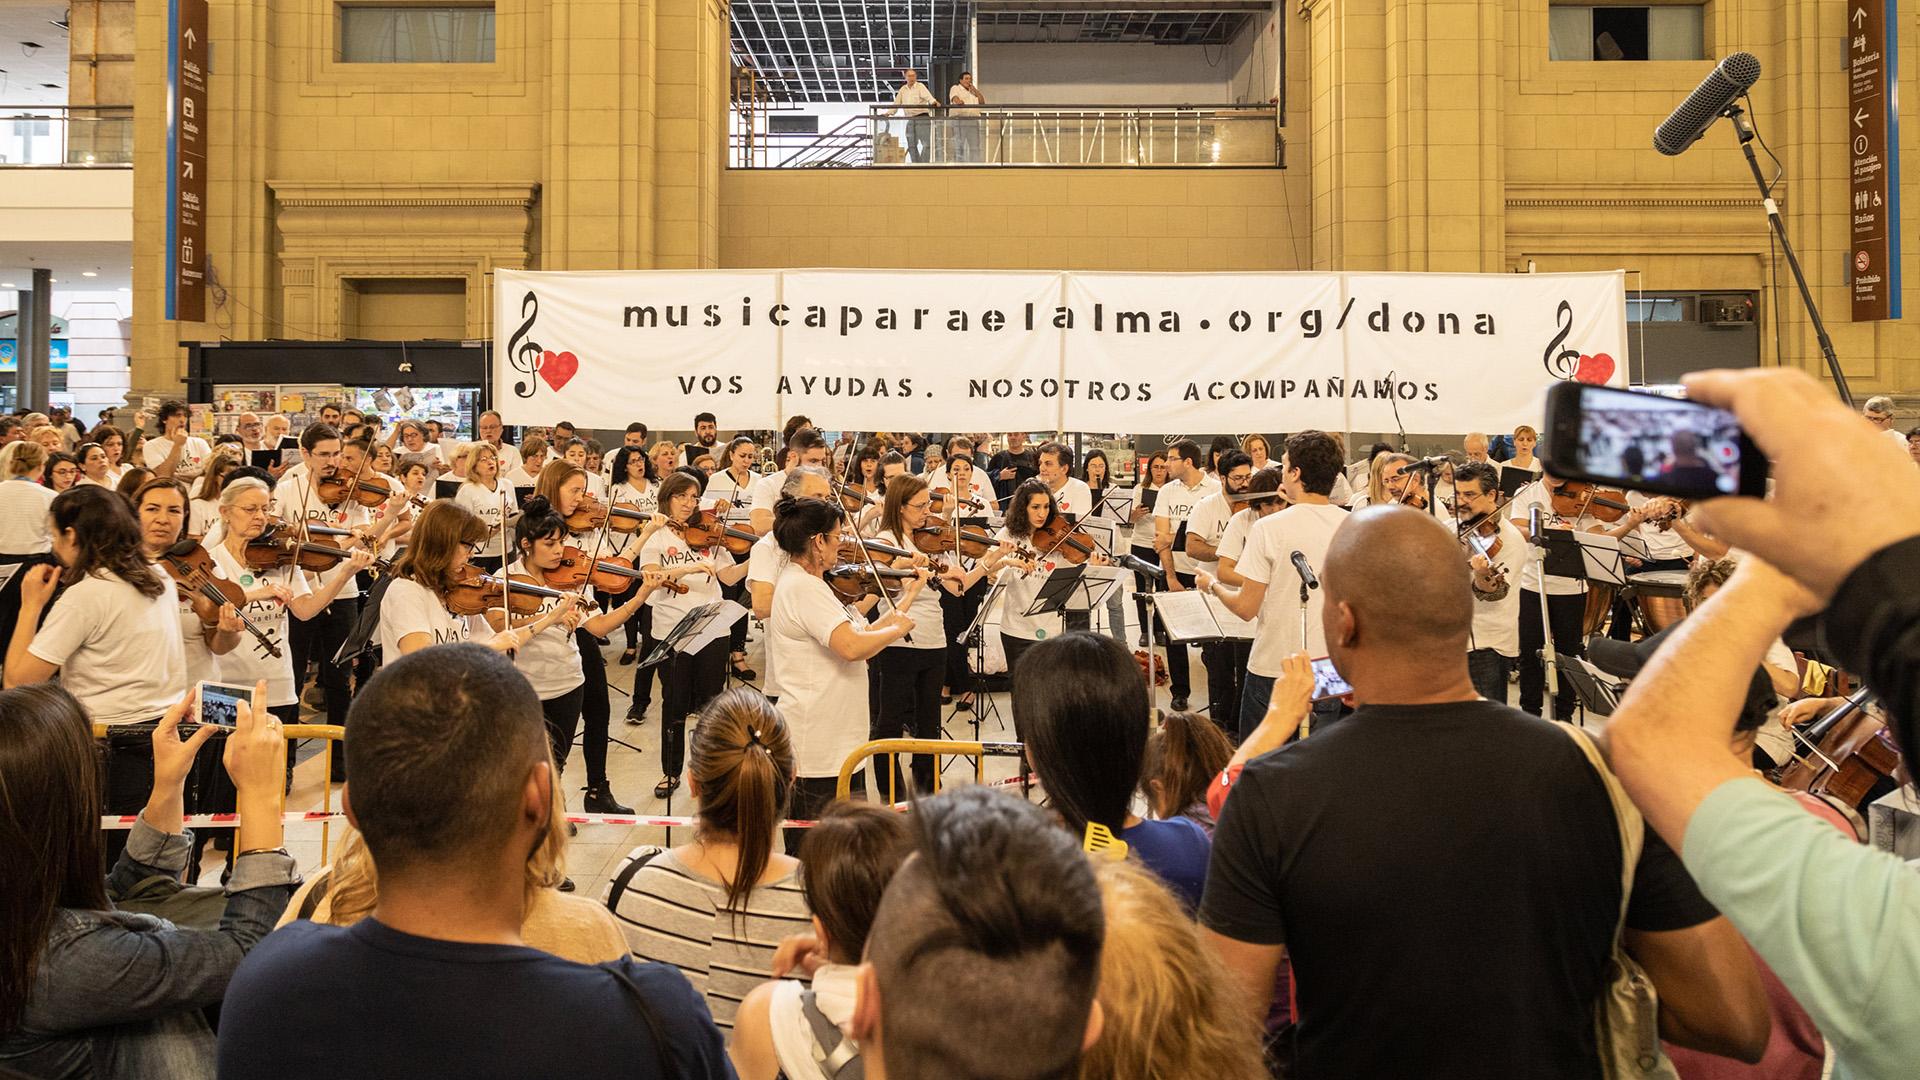 Música Para el Alma realizó un concierto sinfónico coral gratuito con más de 100 artistas en el hall de la estación Constitución - Infobae